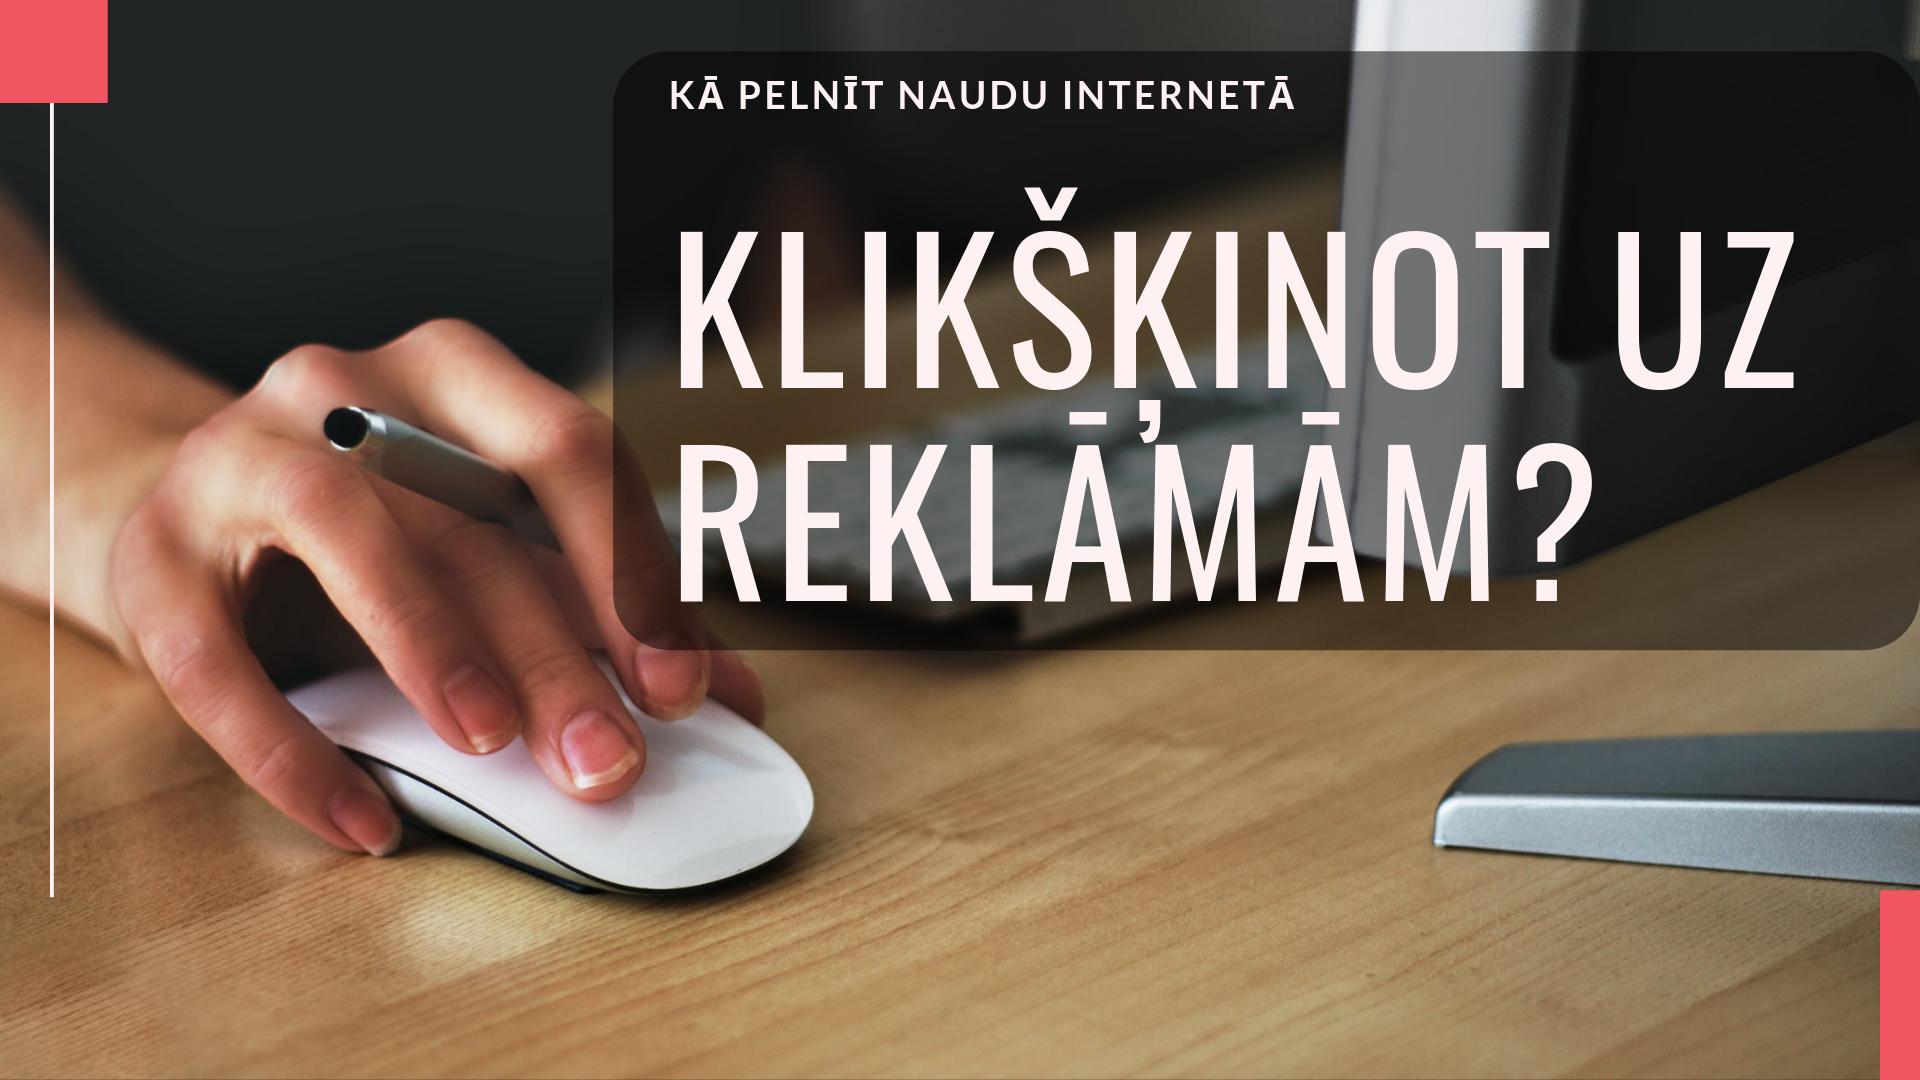 Lielais tiešsaistes biznesa ideju saraksts, lai sāktu darbu